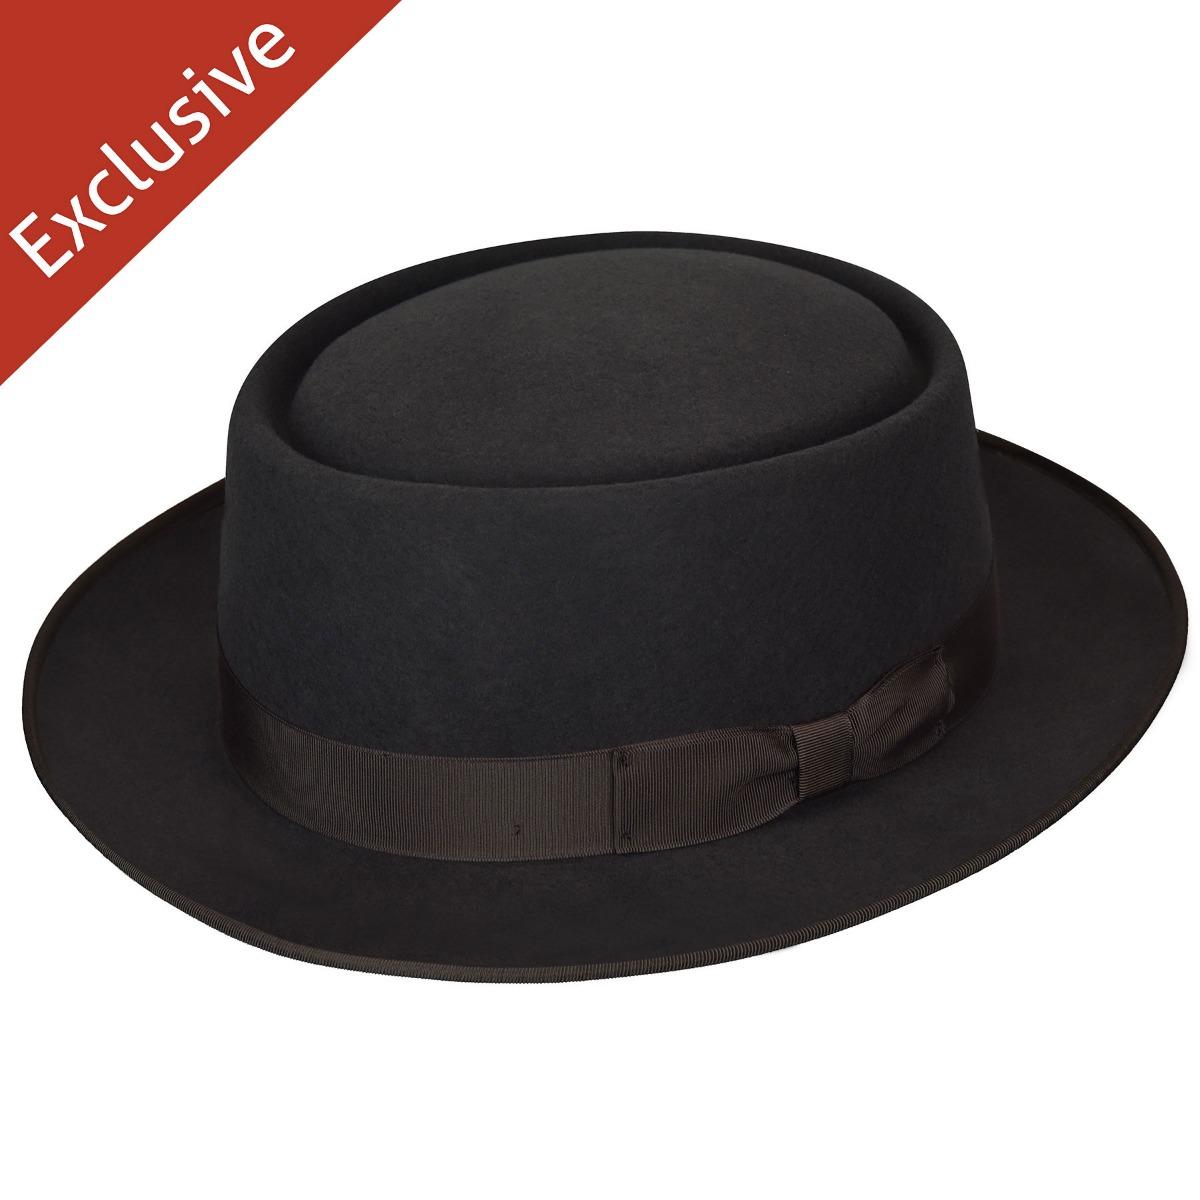 Vintage Mens Clothing | Retro Clothing for Men Danger Pork Pie - Exclusive $39.99 AT vintagedancer.com